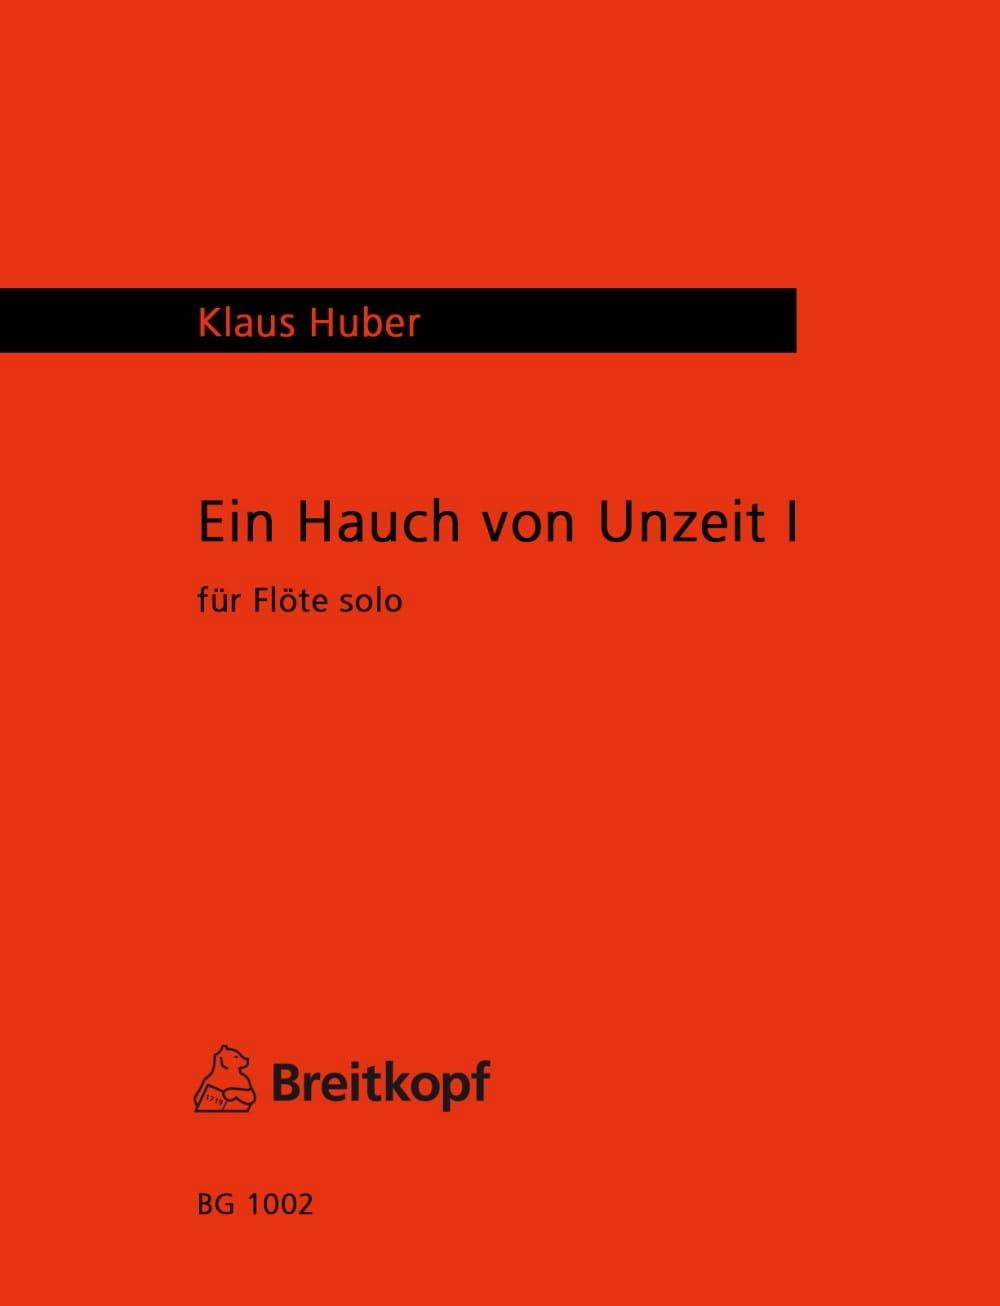 Ein Hauch von Unzeit 1 - Flöte Solo - Klaus Huber - laflutedepan.com